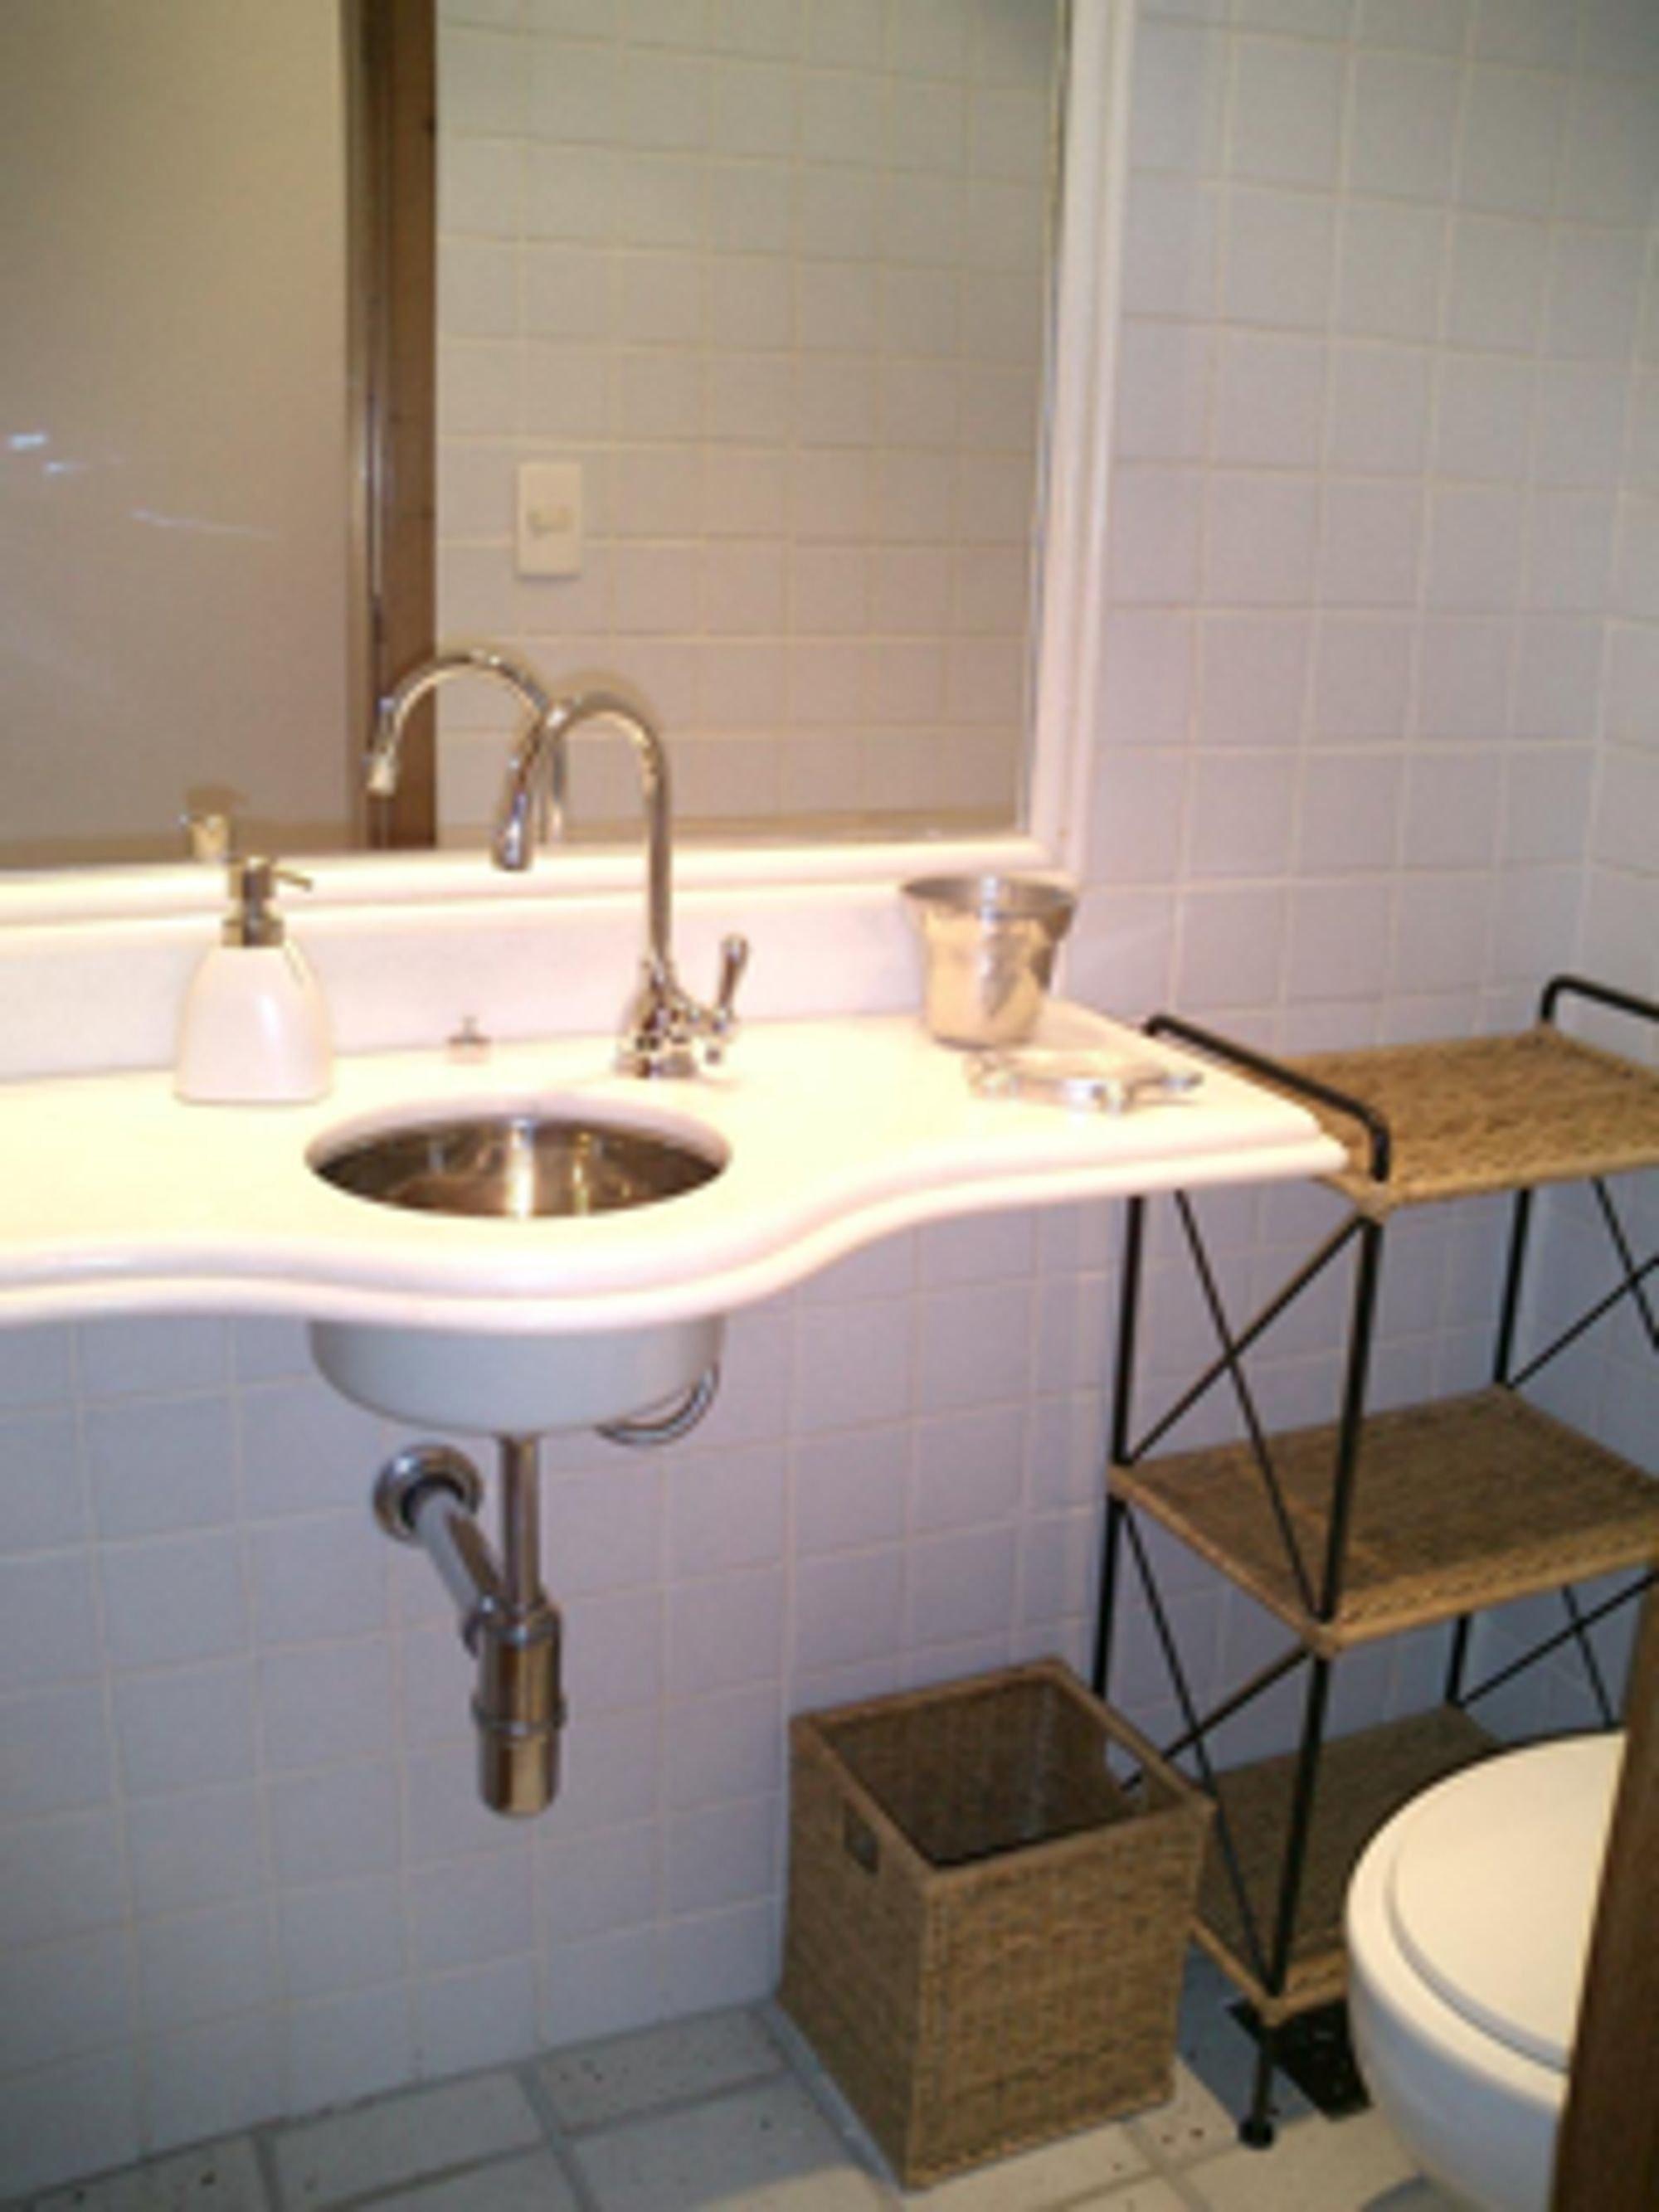 Foto de Banheiro com vaso sanitário, xícara